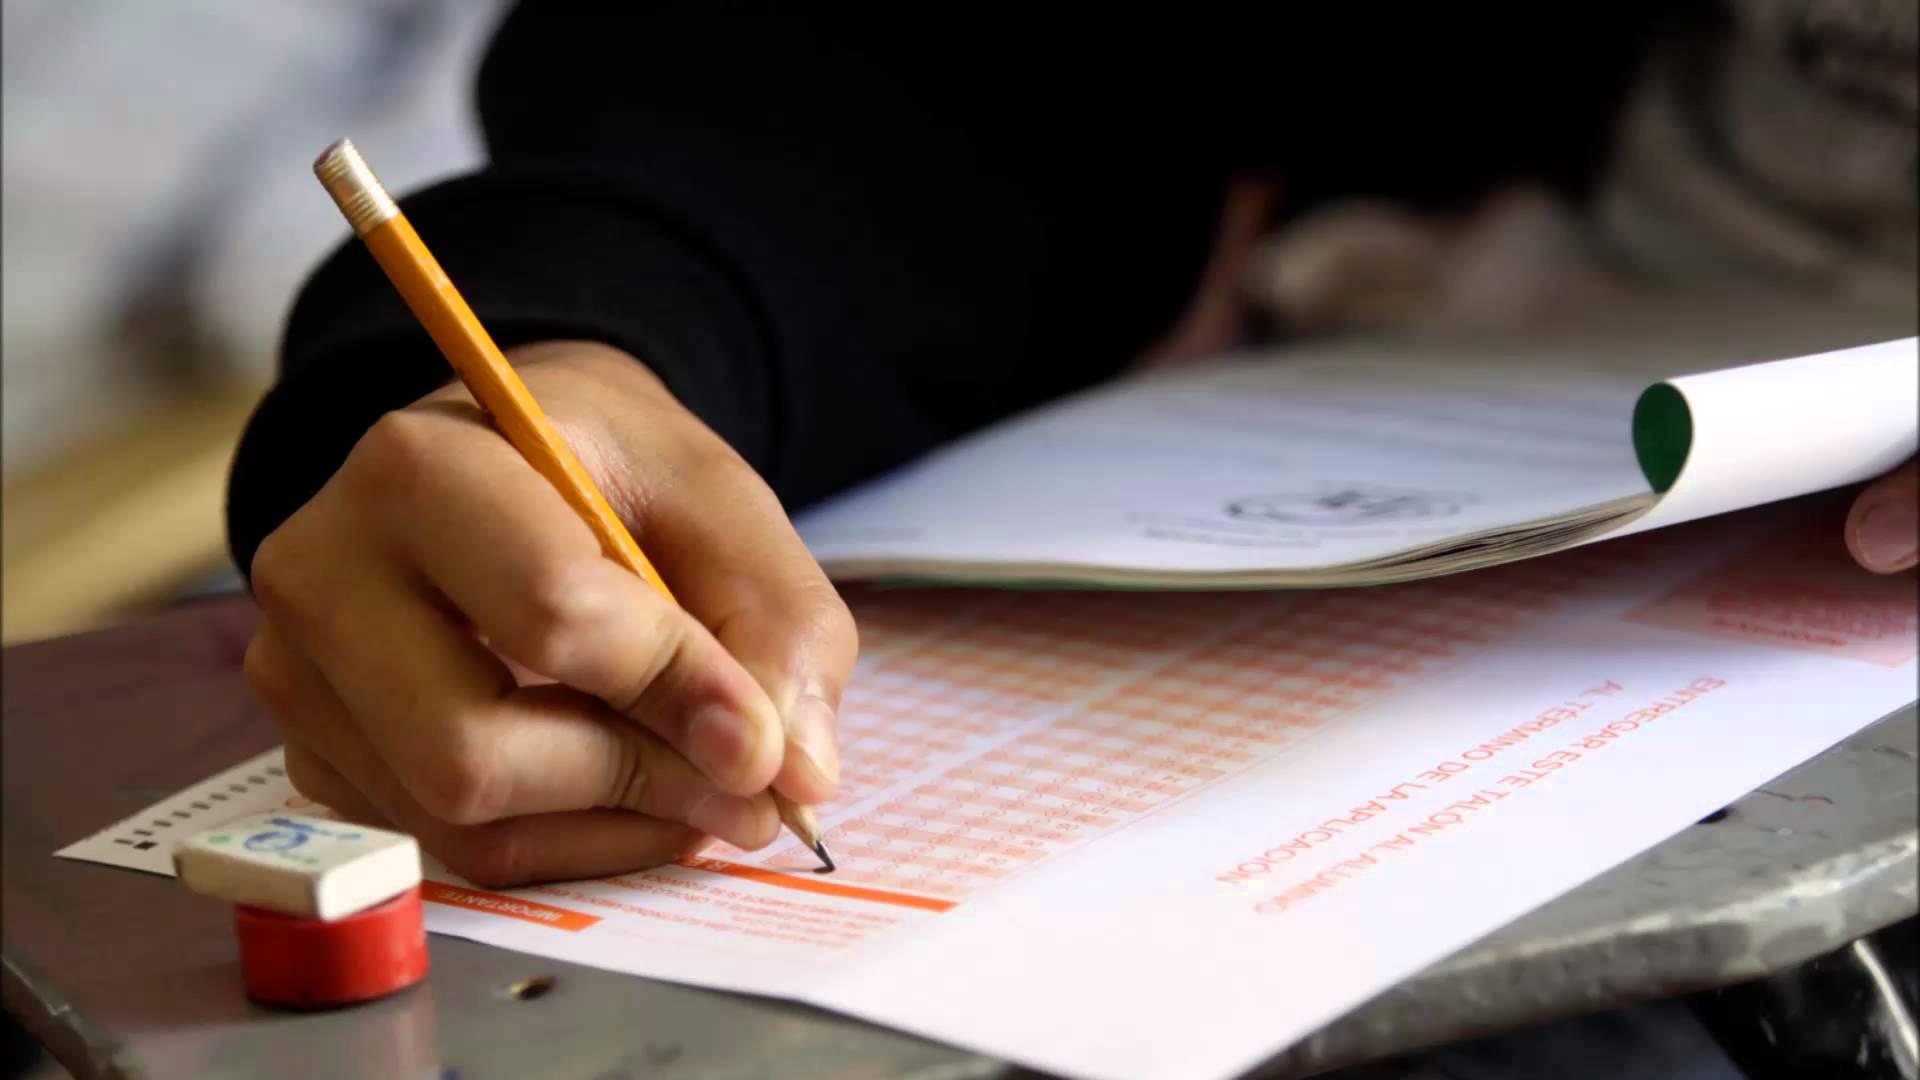 (Español) Cómo solicitar la dispensa de los exámenes para obtener la nacionalidad española